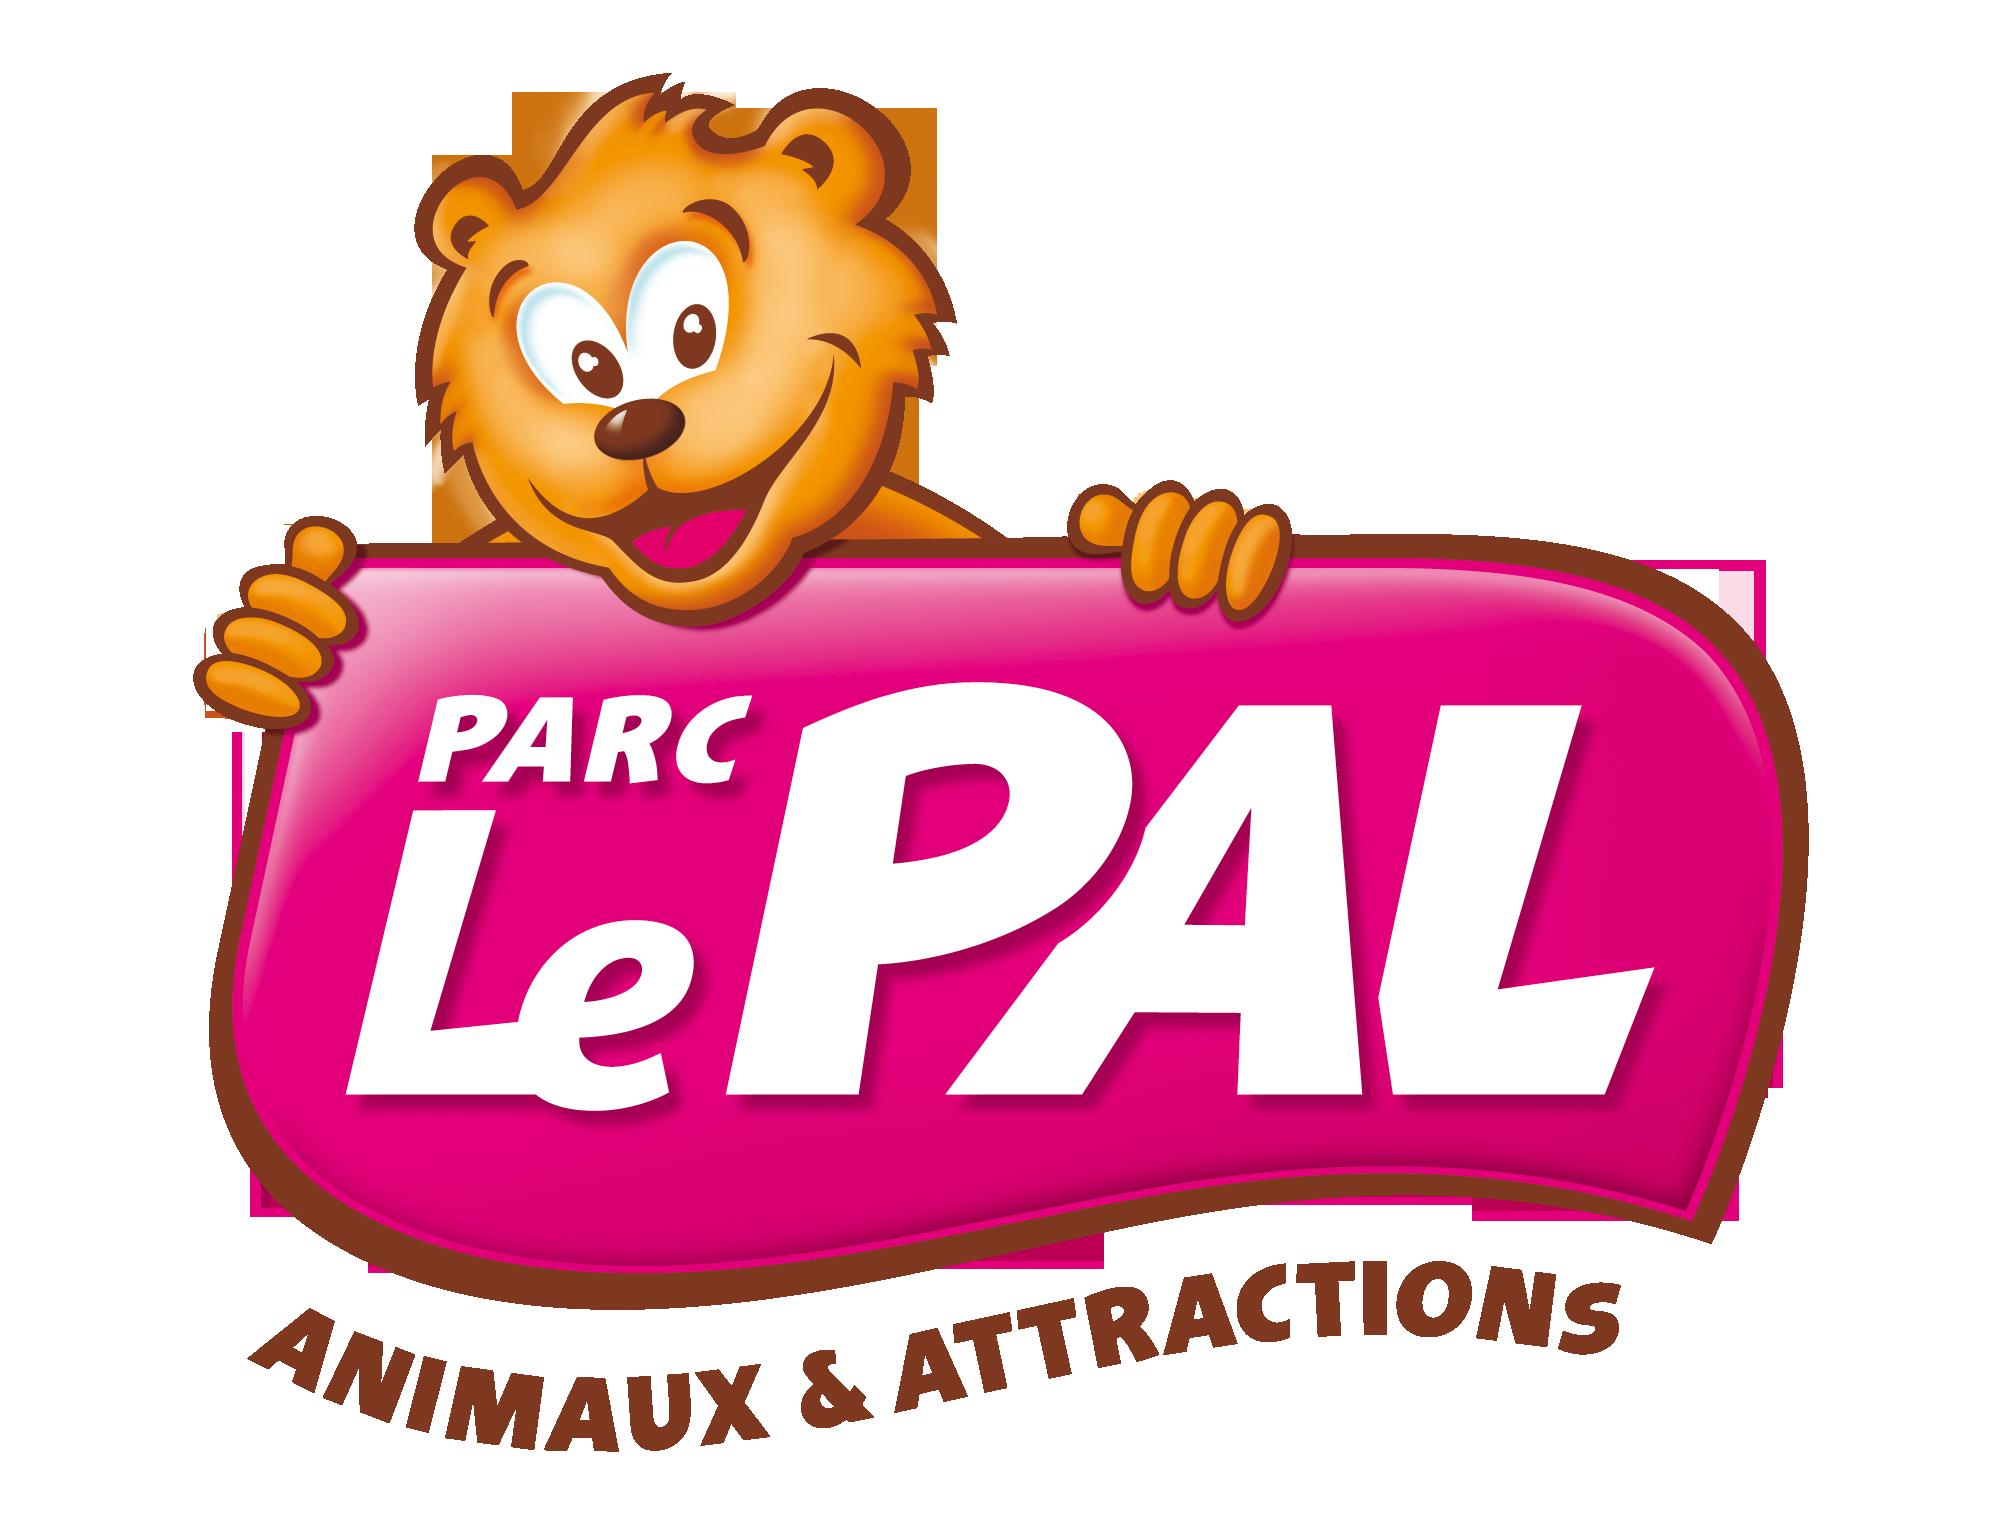 Le-pal-logo2013